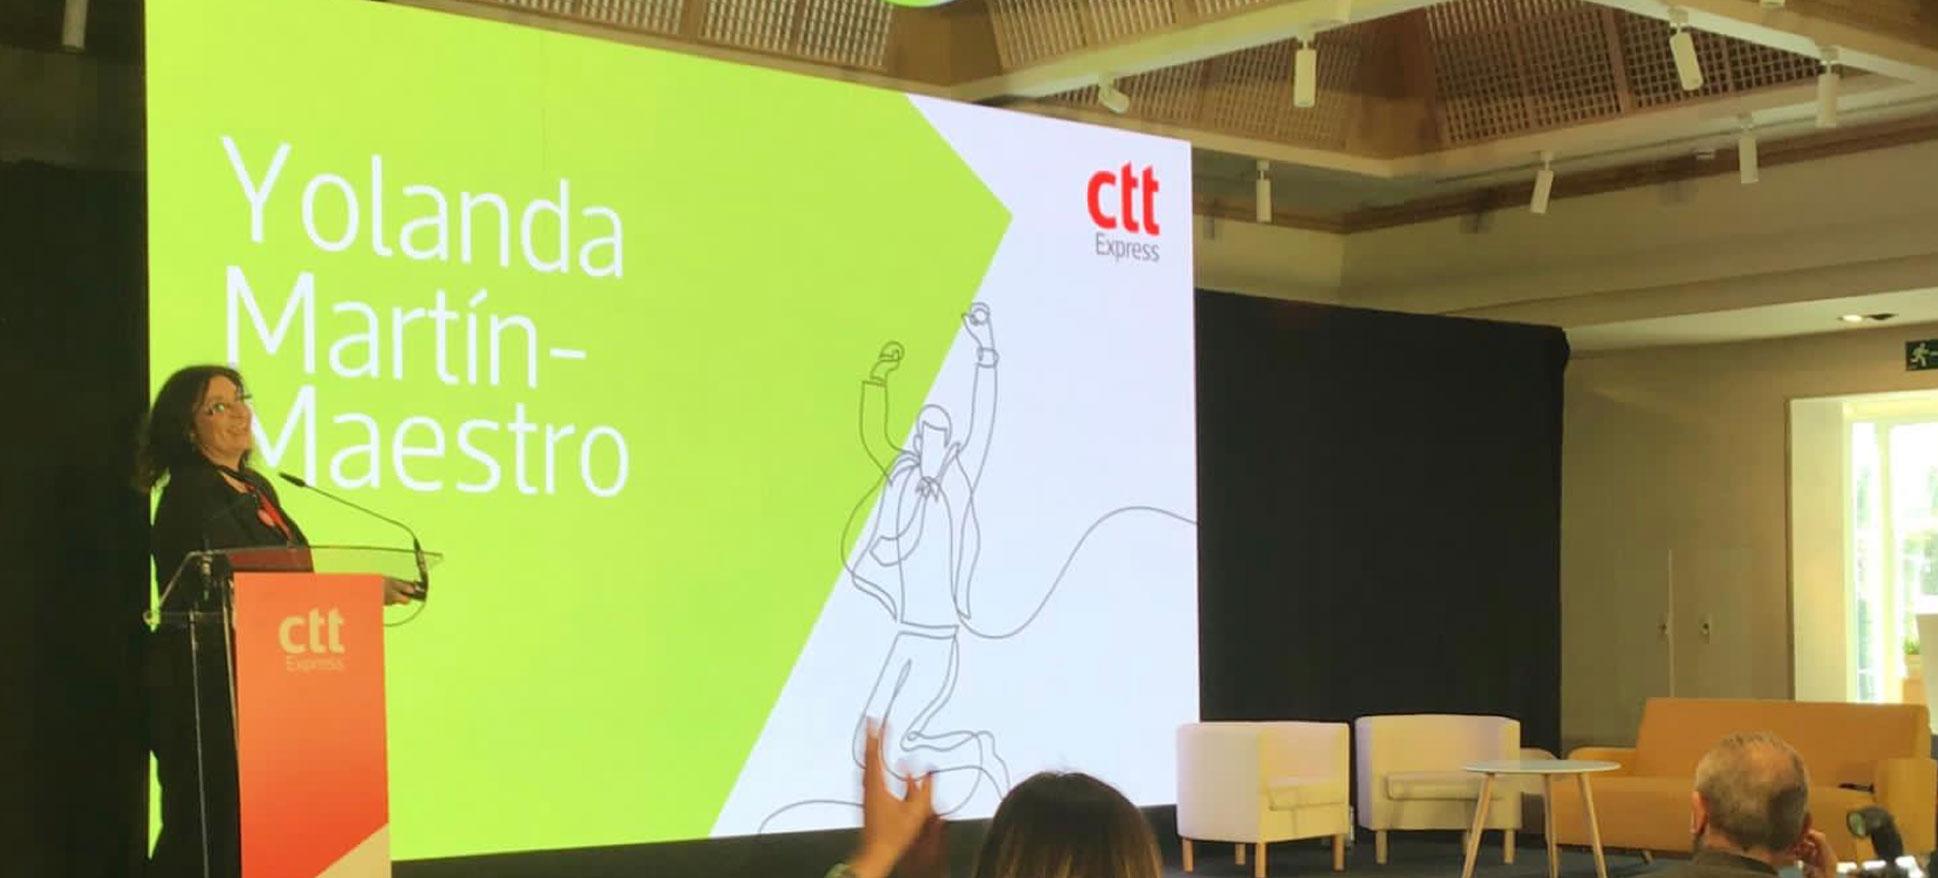 cttEvento2